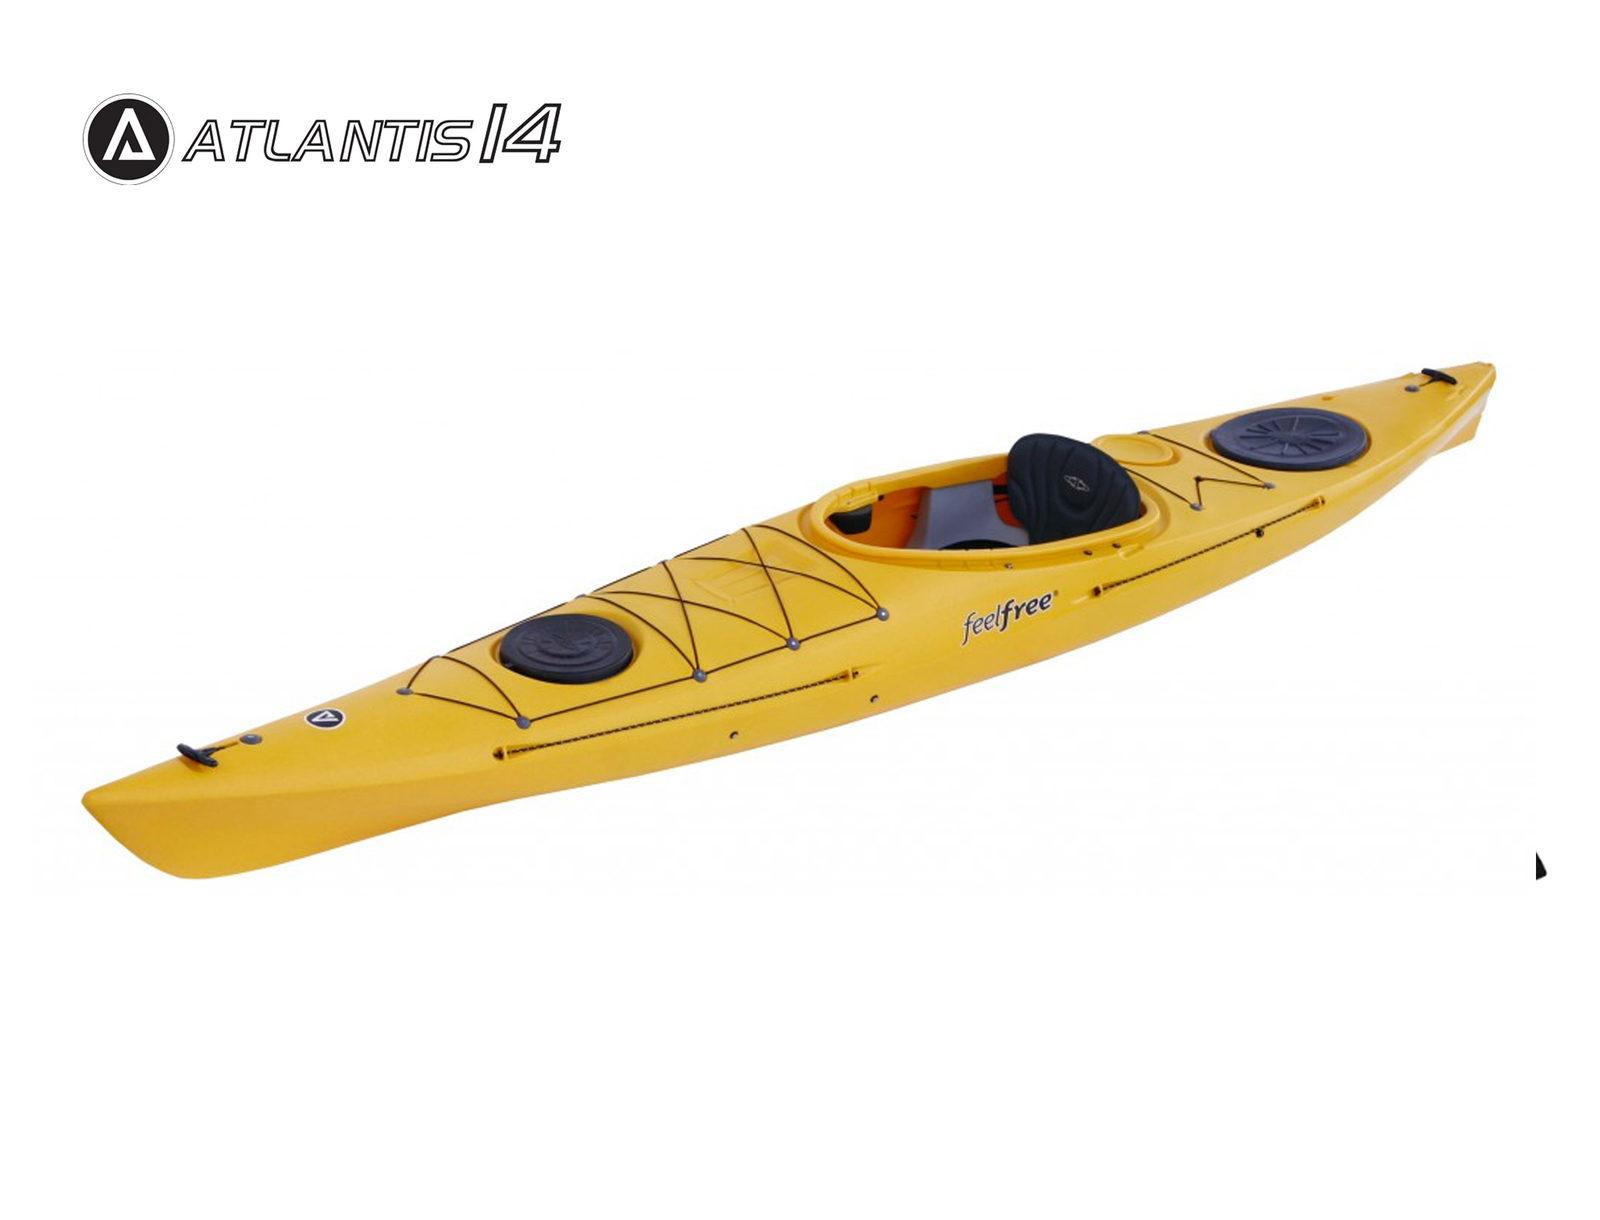 Atlantis14 1